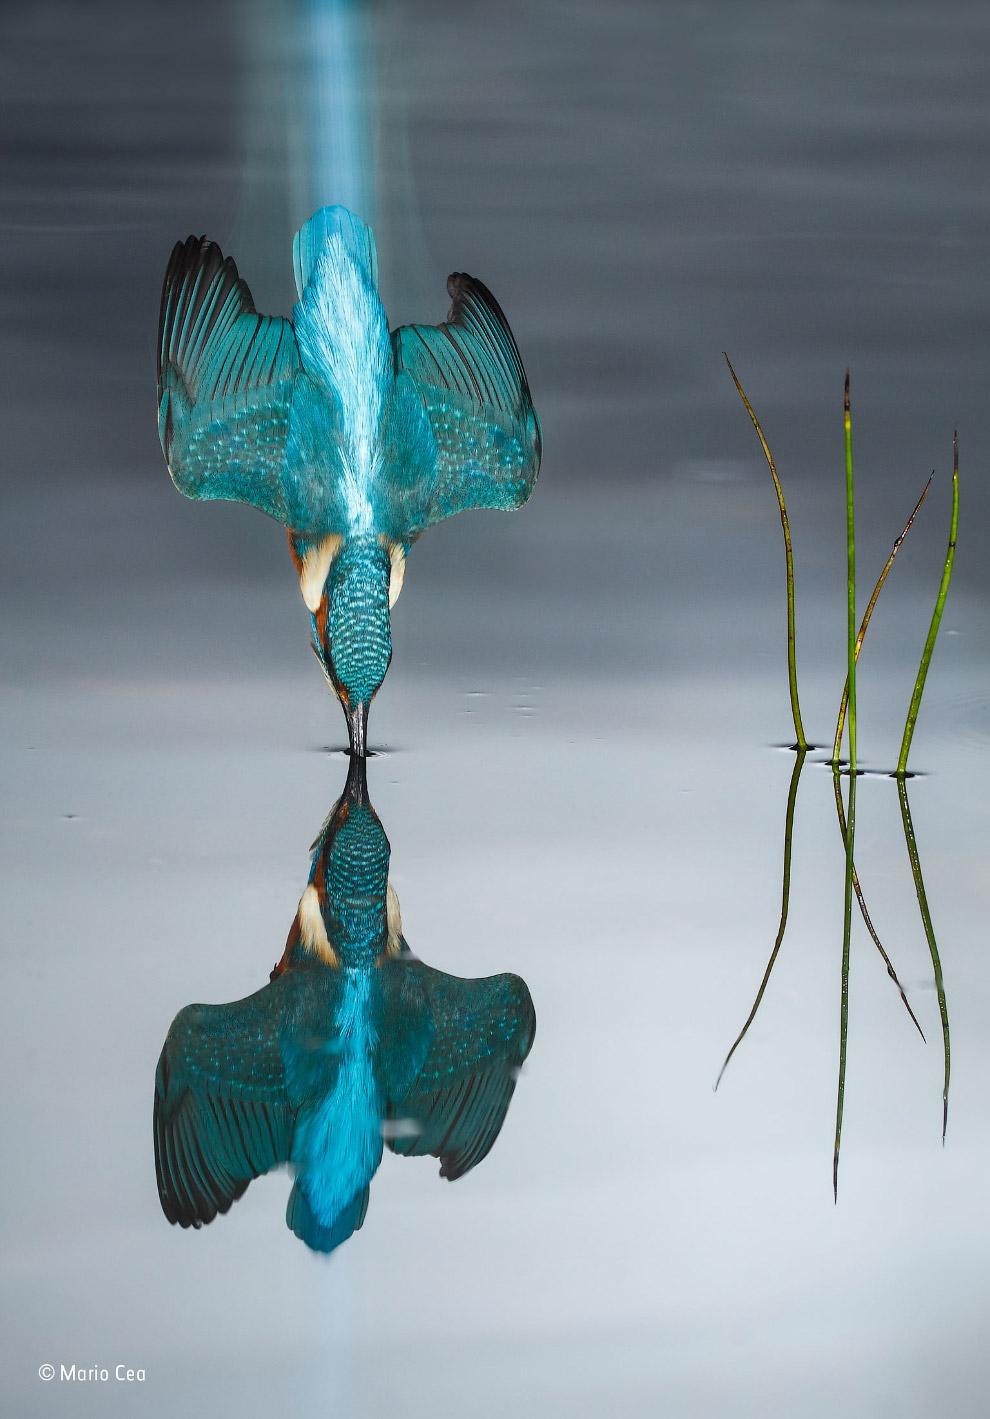 Зимородок входит в воду